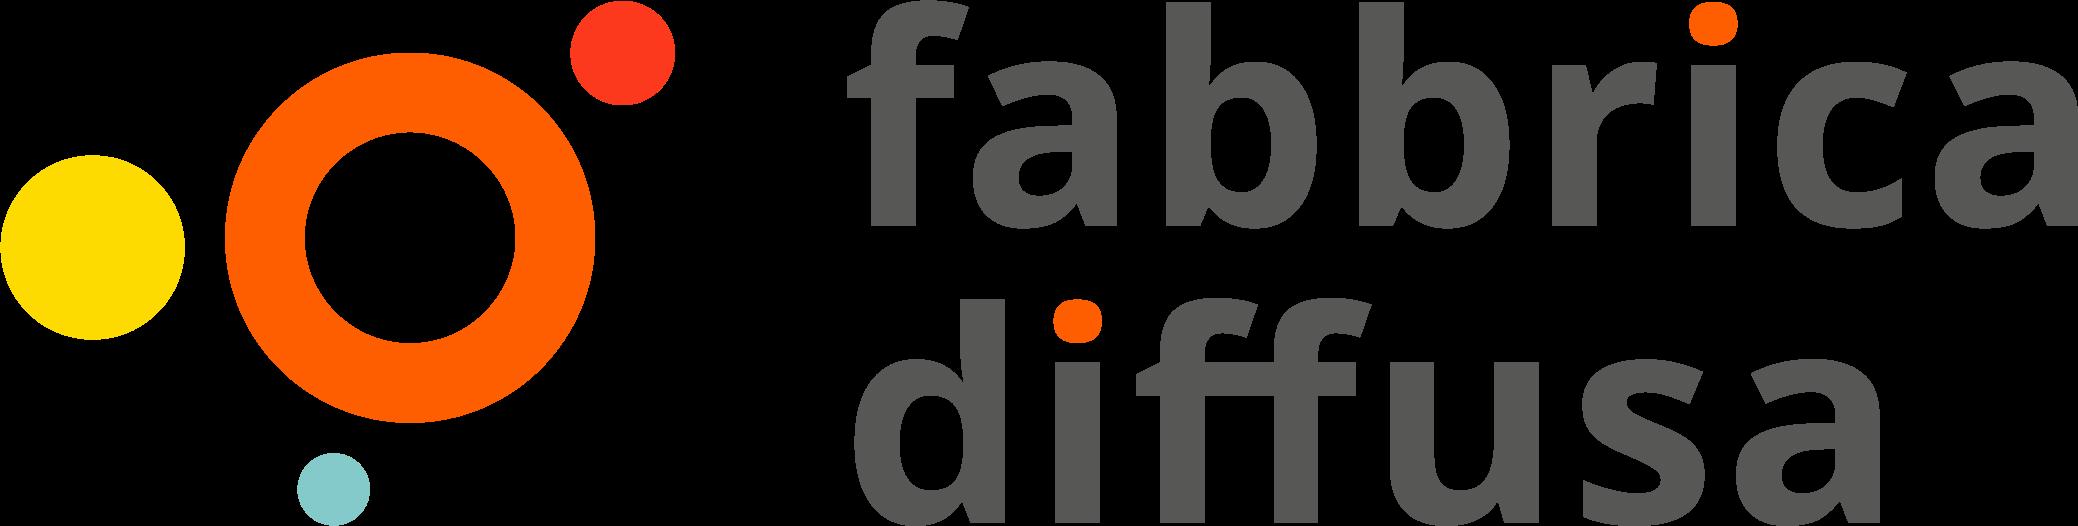 Laboratori Esperienziali ComoNExT: Fabbrica Diffusa